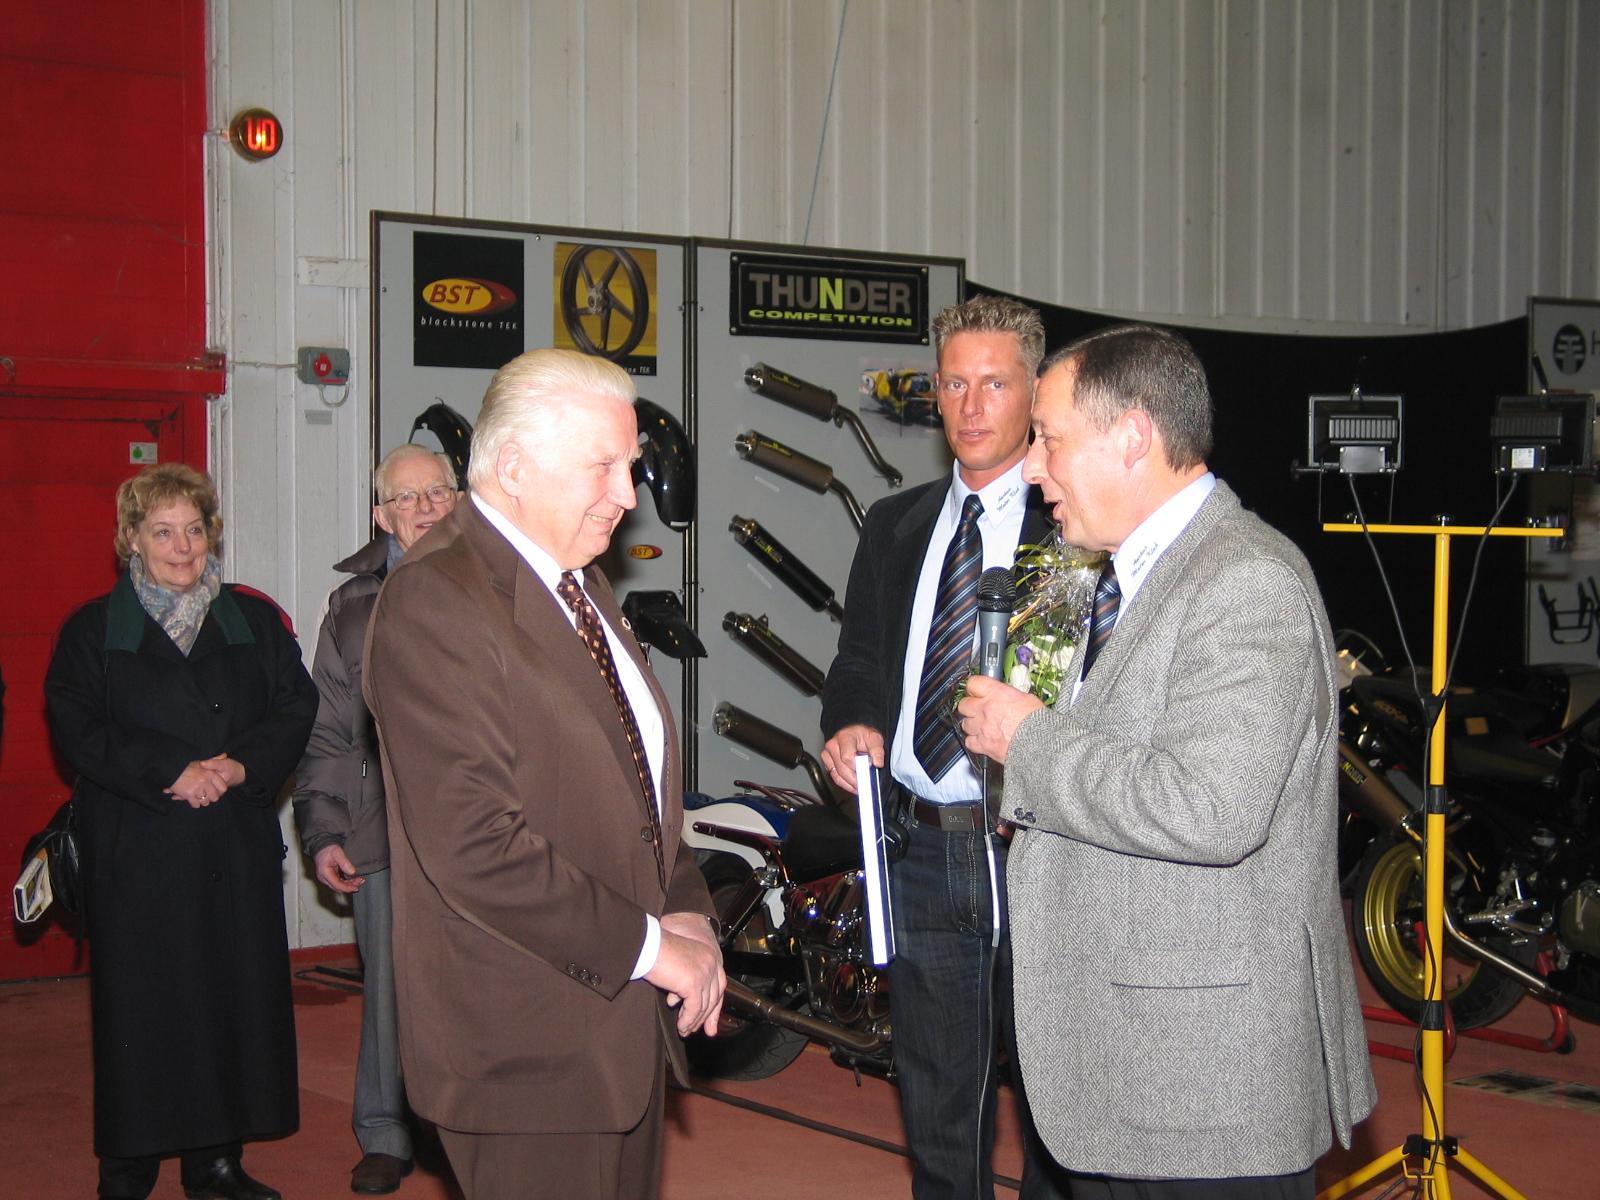 Carl, Morten Hvolby og formanden.